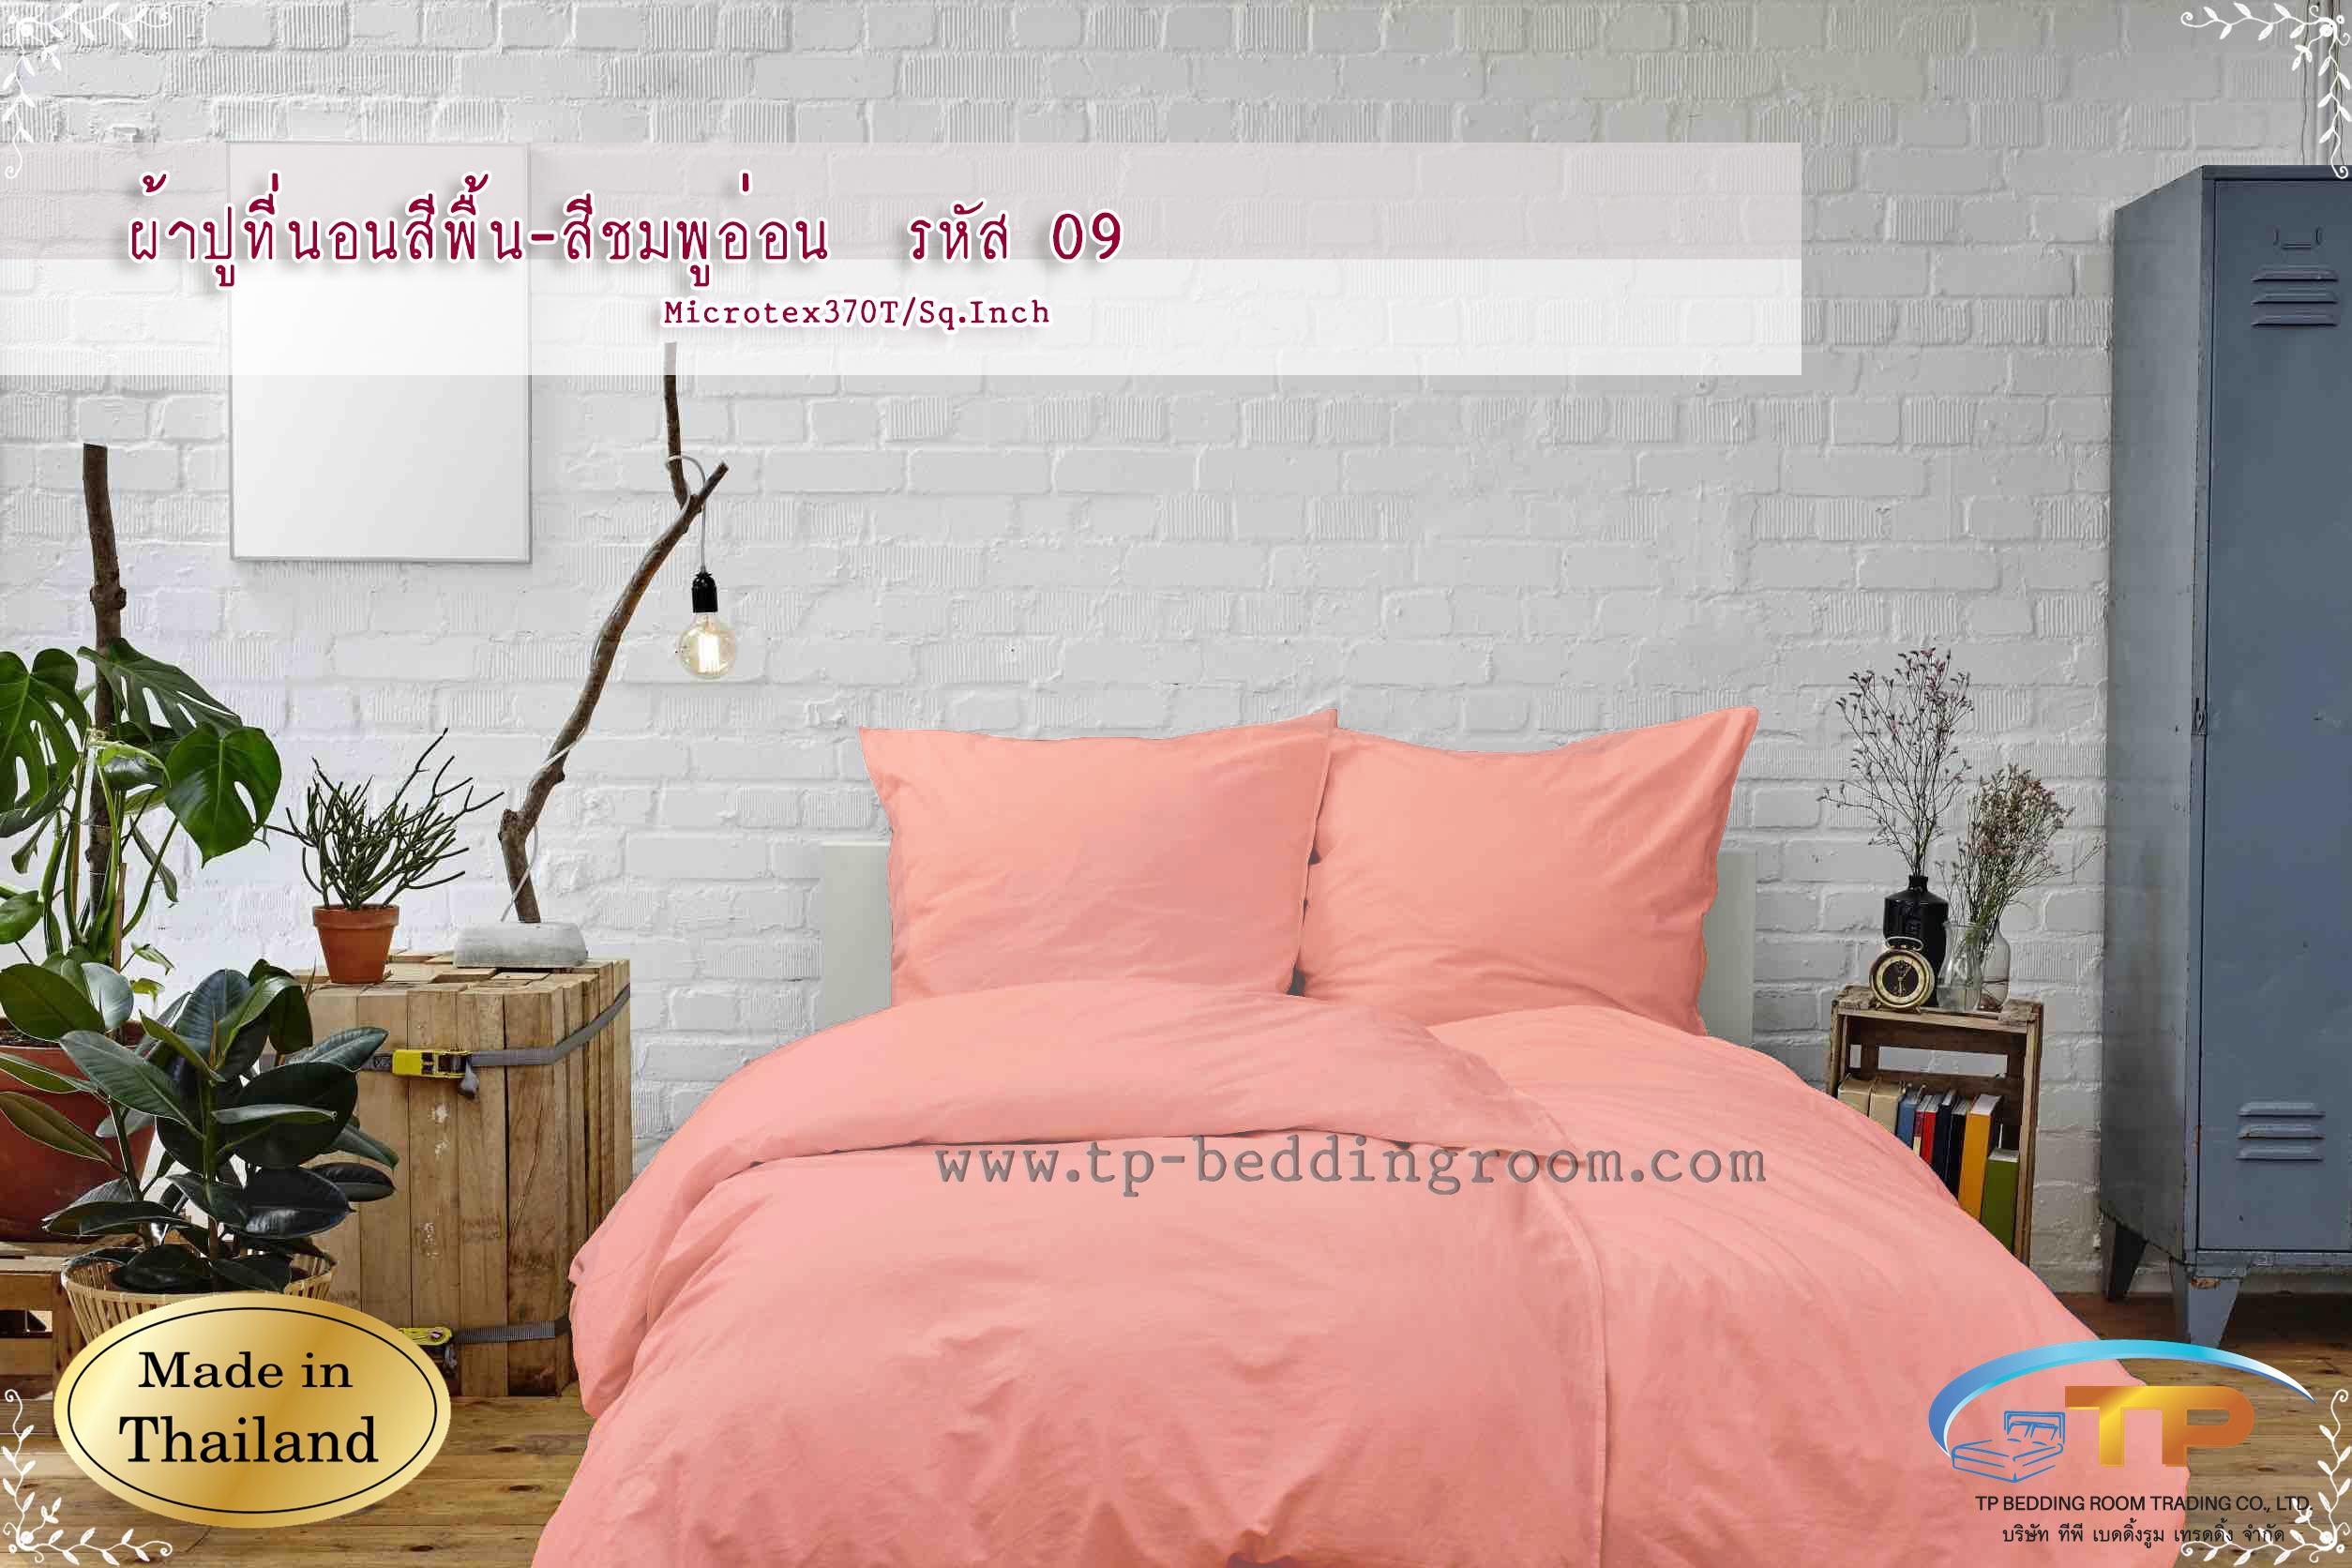 ชุดผ้าปูที่นอน 5 ฟุต สีชมพูอ่อน รหัส 09